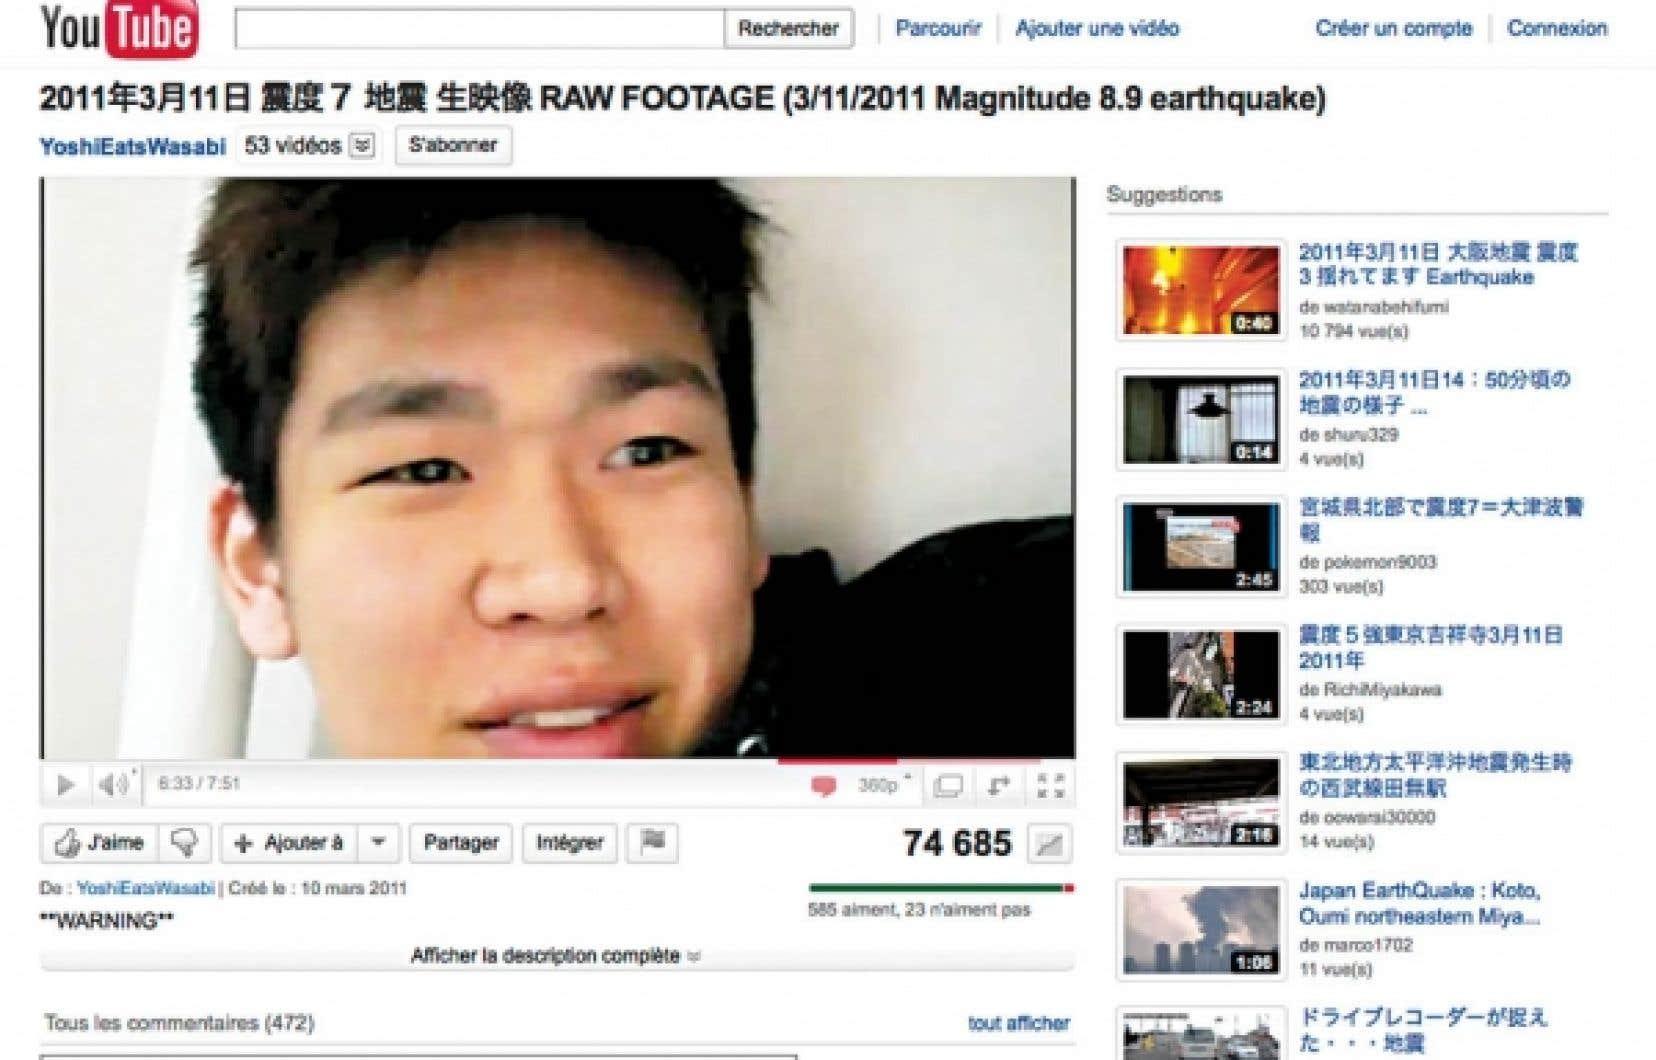 À Tokyo, le jeune Yoshi a mis en ligne sur YouTube des images de lui dans son appartement captées pendant le séisme.<br />